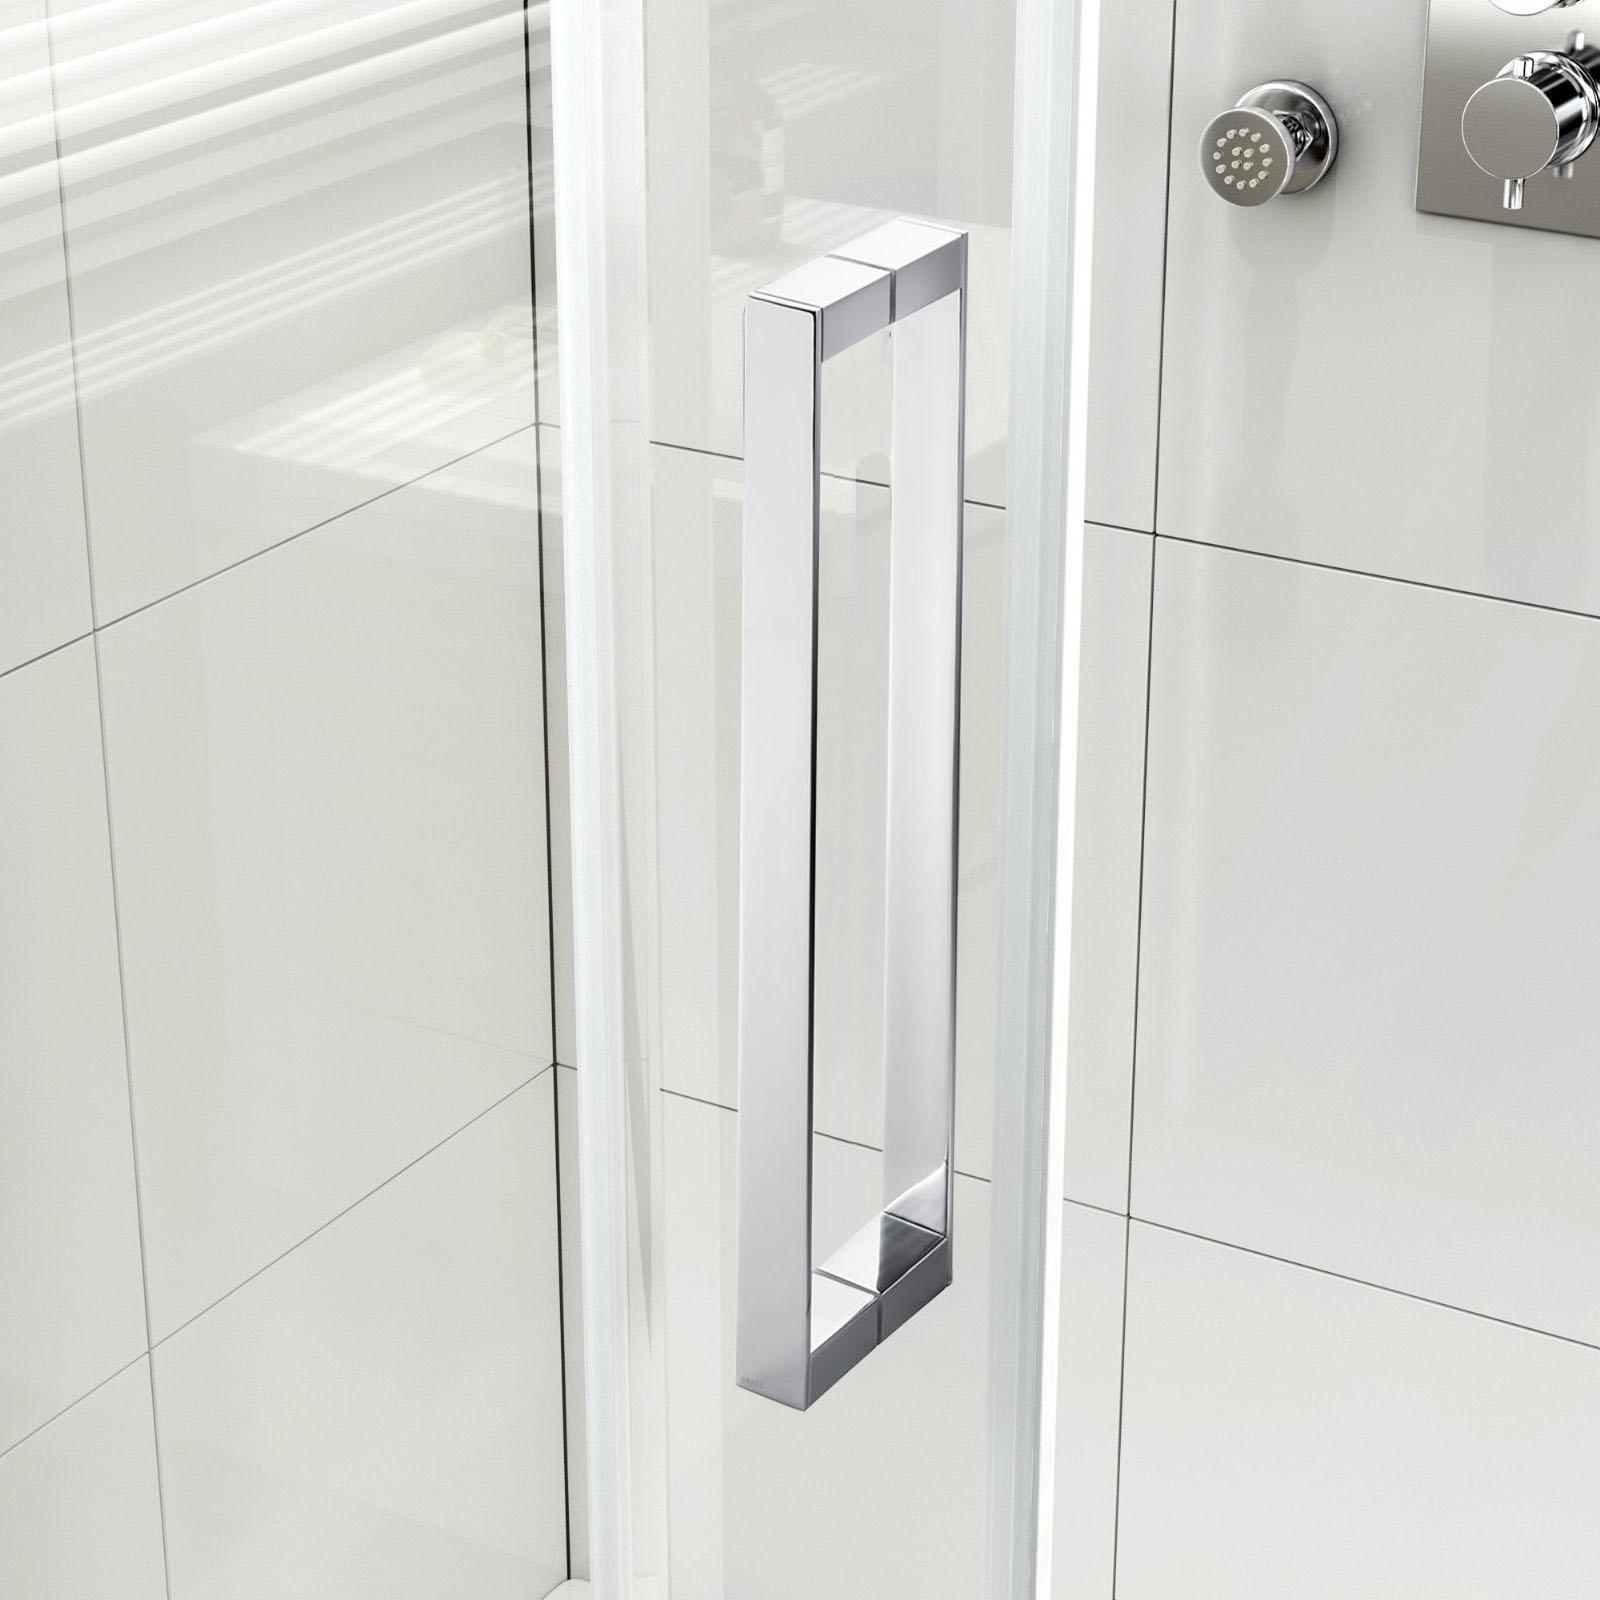 Sunny shower 60 semi frameless sliding shower doors 5 16 for Bathtub shower doors hardware